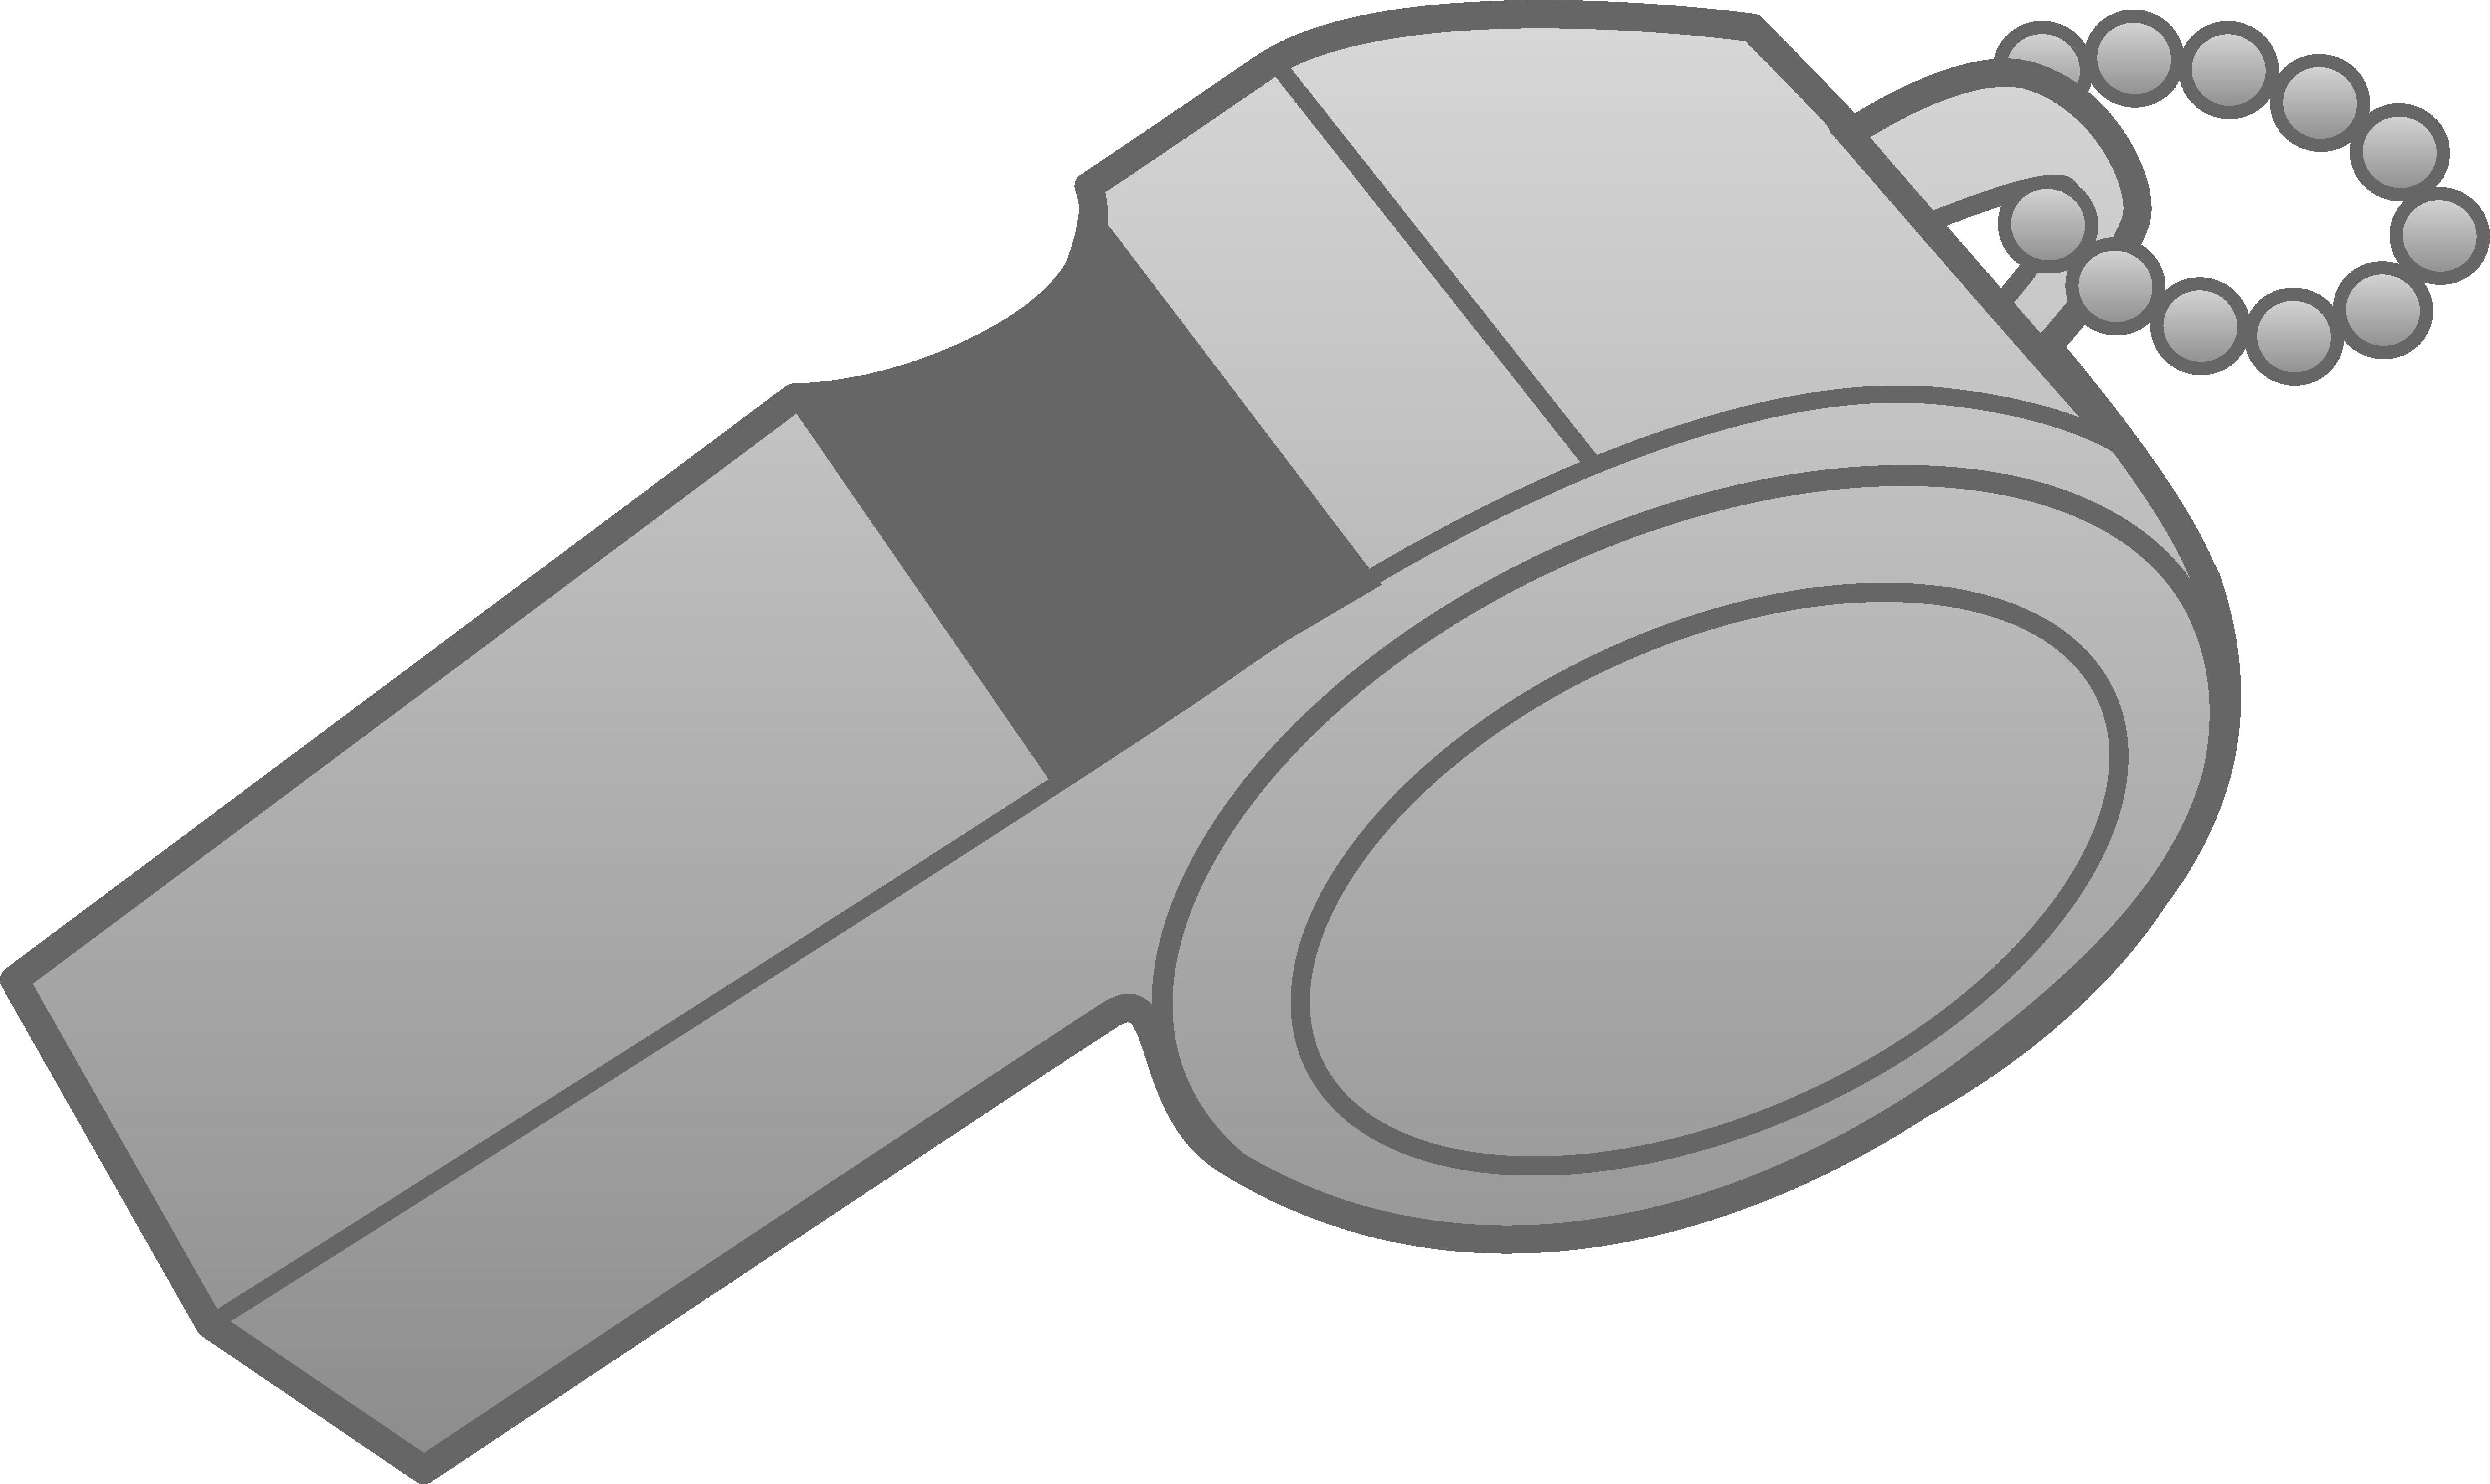 Clipart design silver. Whistle free clip art